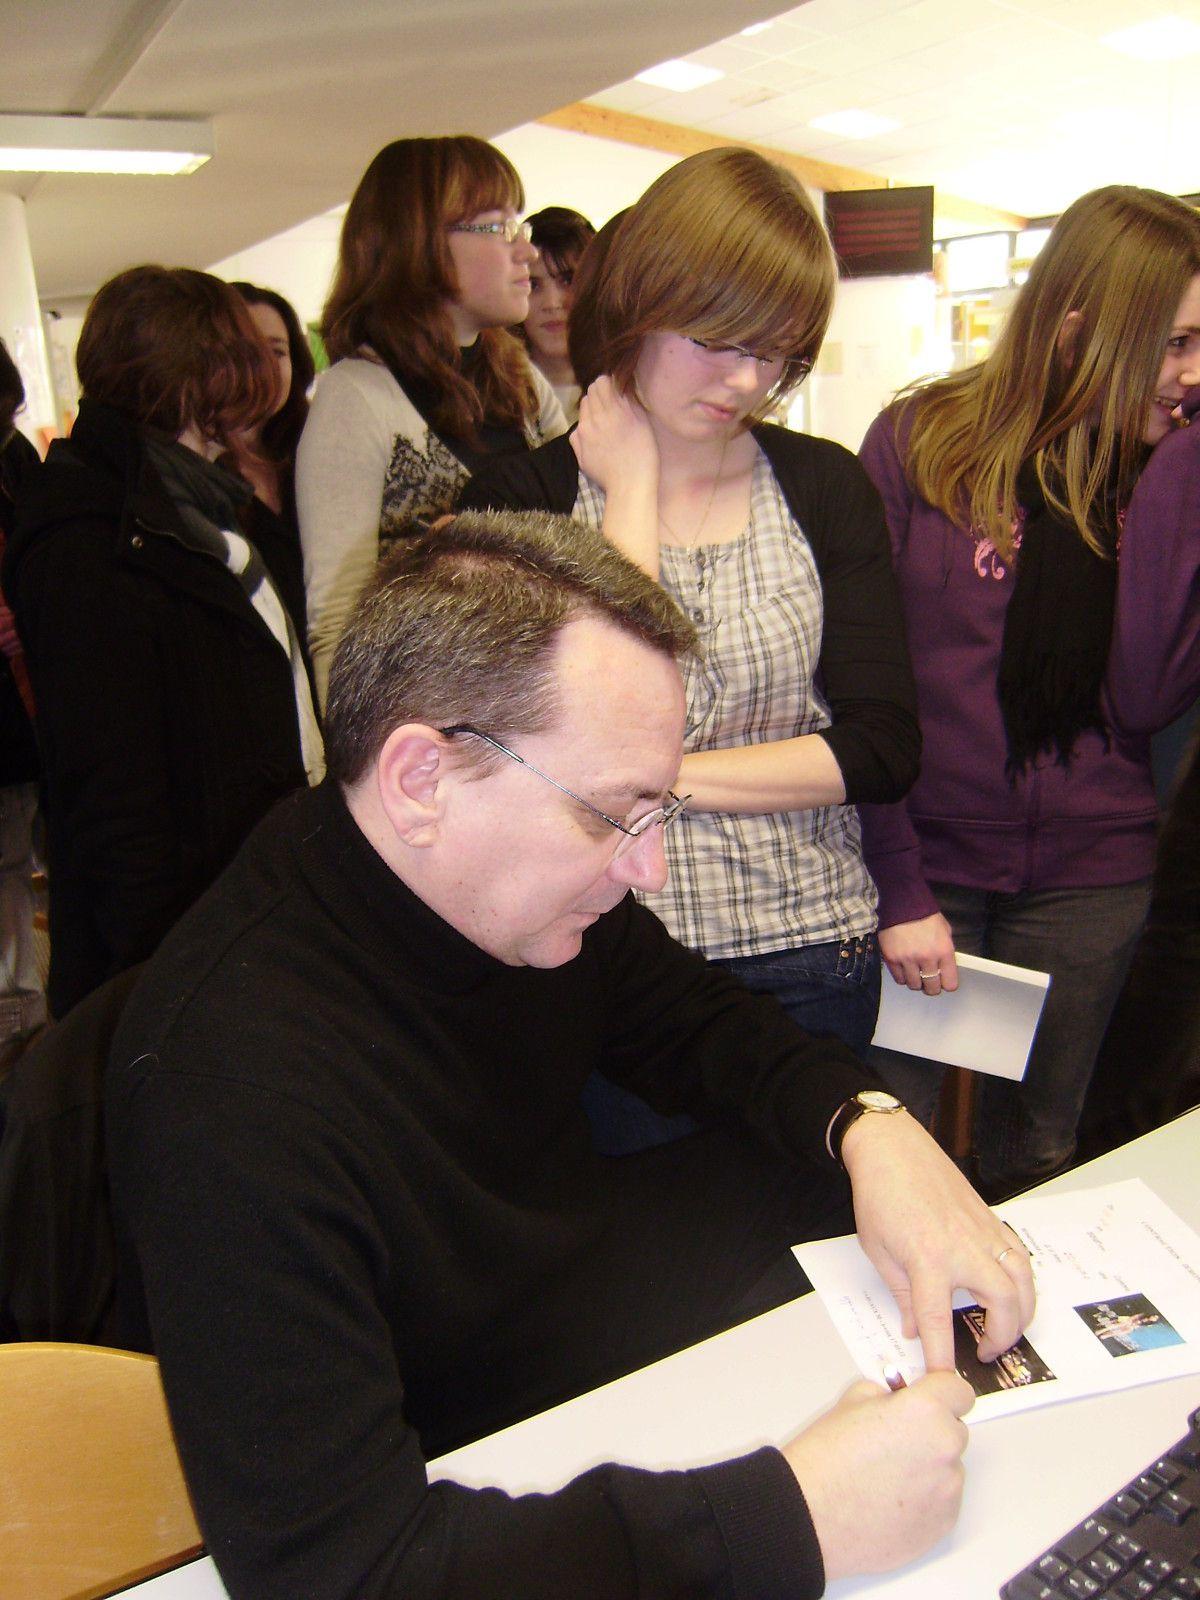 Le 20-01-11, au CDI du Lycée de l'Iroise, les lycéens d'i-voix ont rencontré l'écrivain JERÔME LEROY, auteur du recueil Un dernier verre en Atlantide.